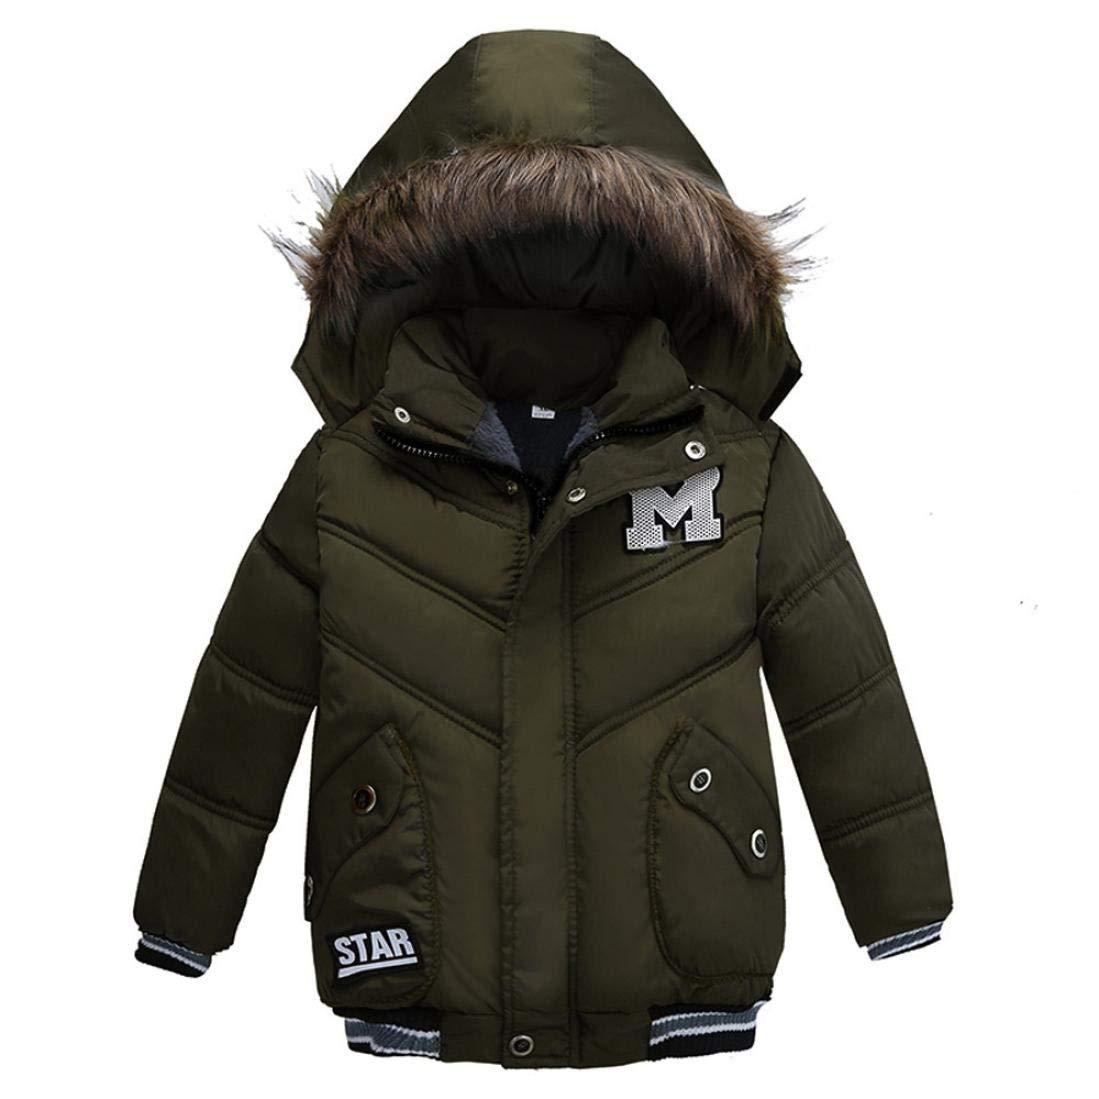 Zarupeng Abrigo cálido para niños,Ropa Niño Invierno